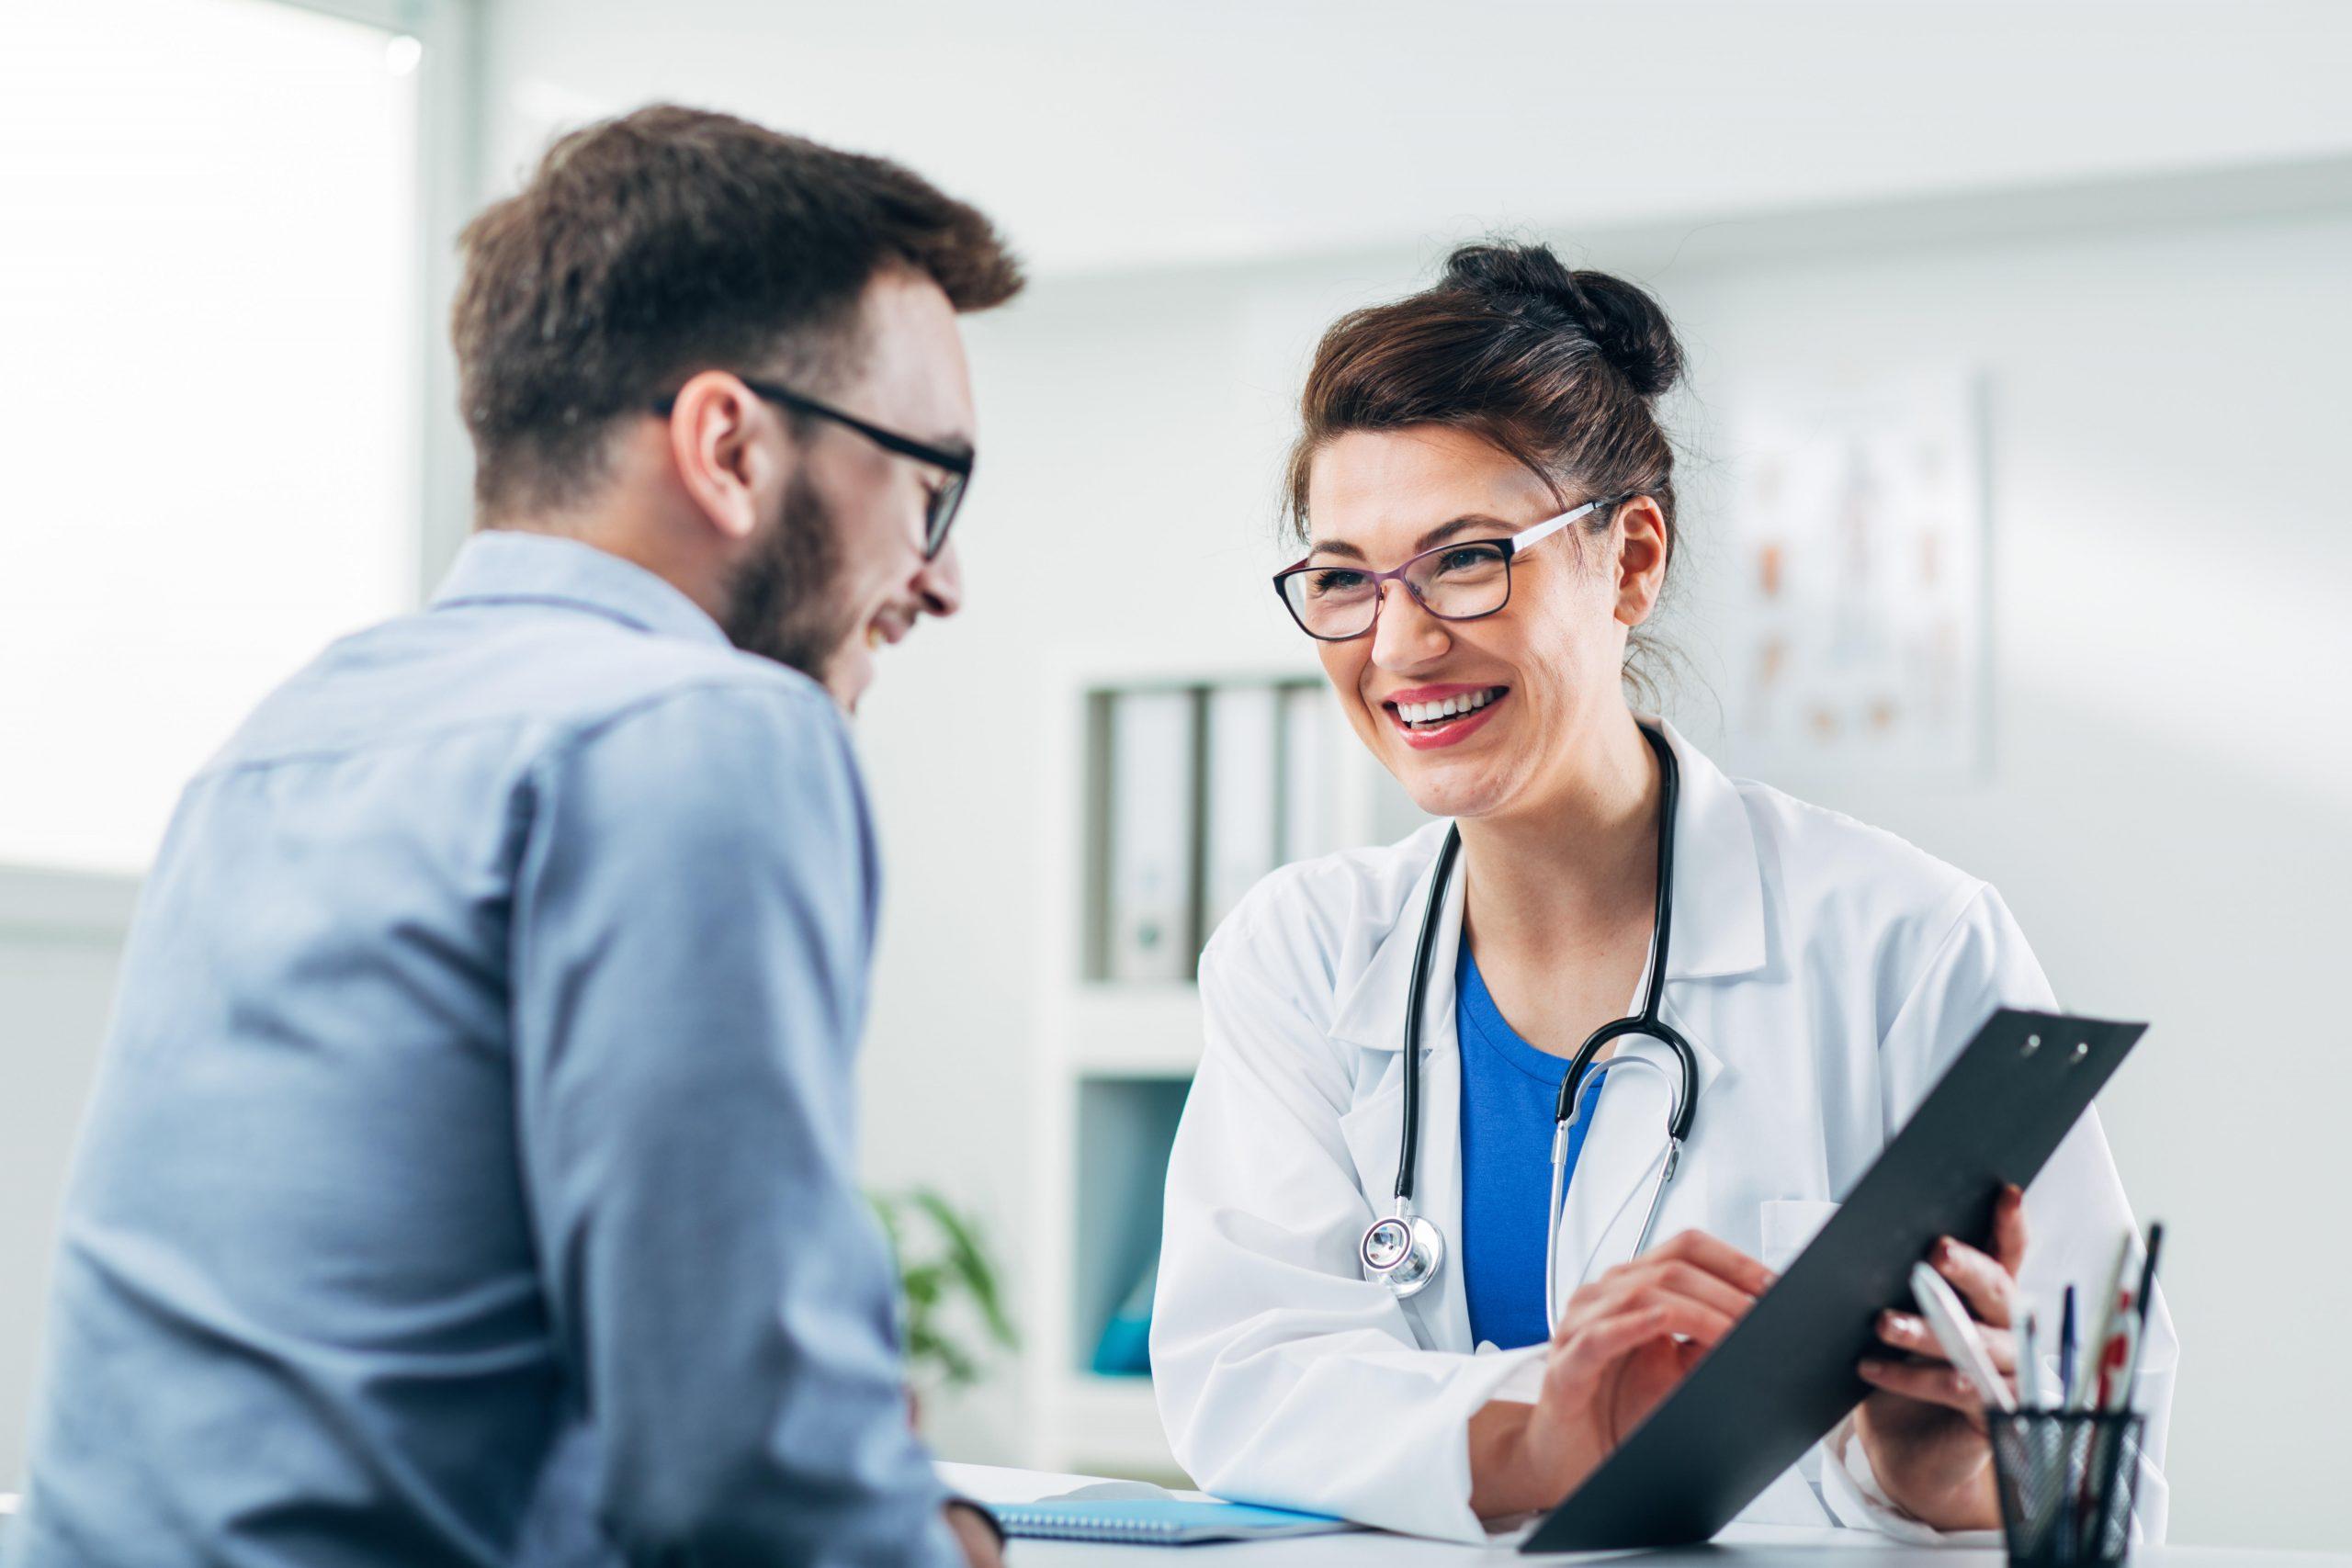 doktorka s úsmevom ukazuje výsledky svojmu pacientovi